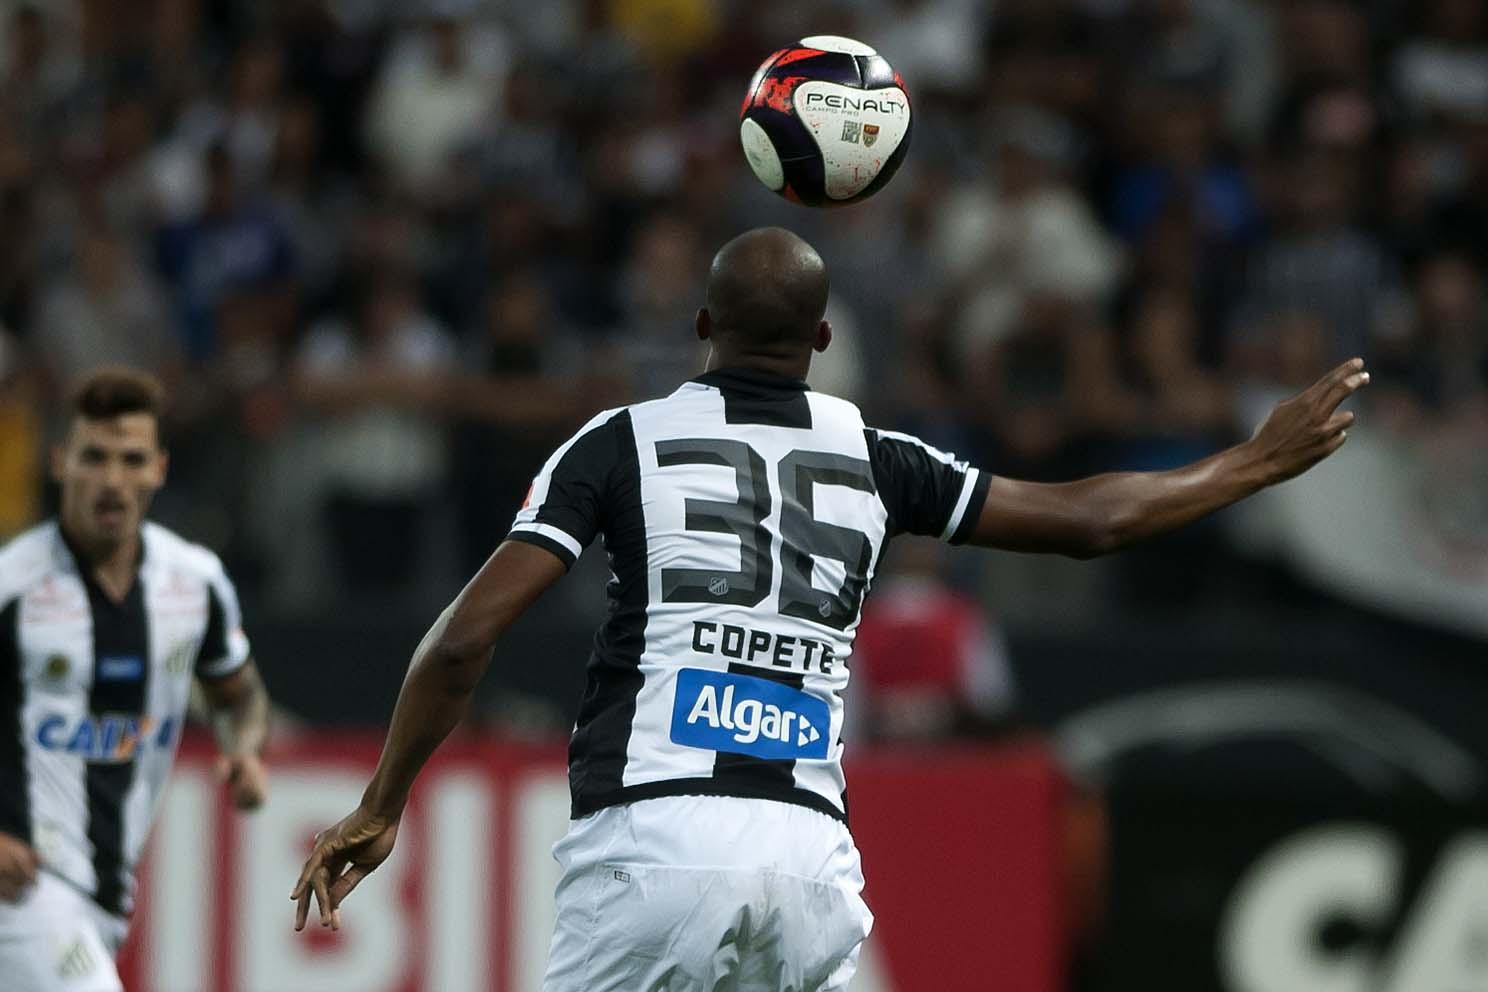 Copete quer retornar ao Santos